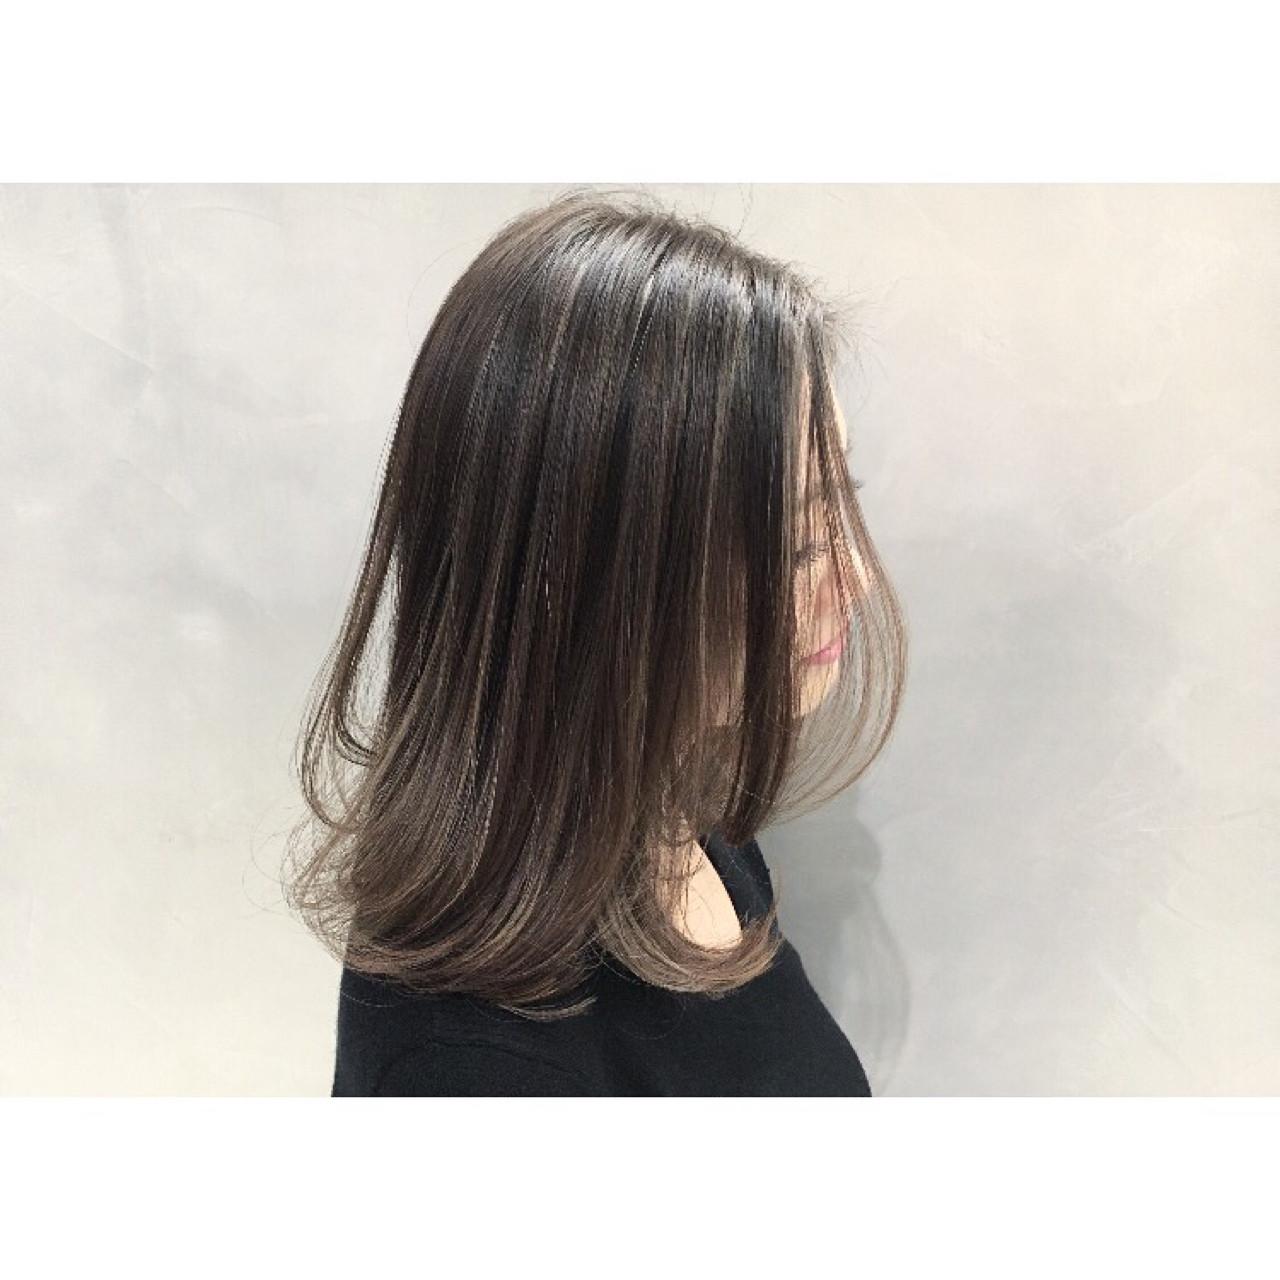 外国人風カラー 色気 ボブ グレージュ ヘアスタイルや髪型の写真・画像 | 久保 賢二 / WARREN TRICOMI NEWYORK